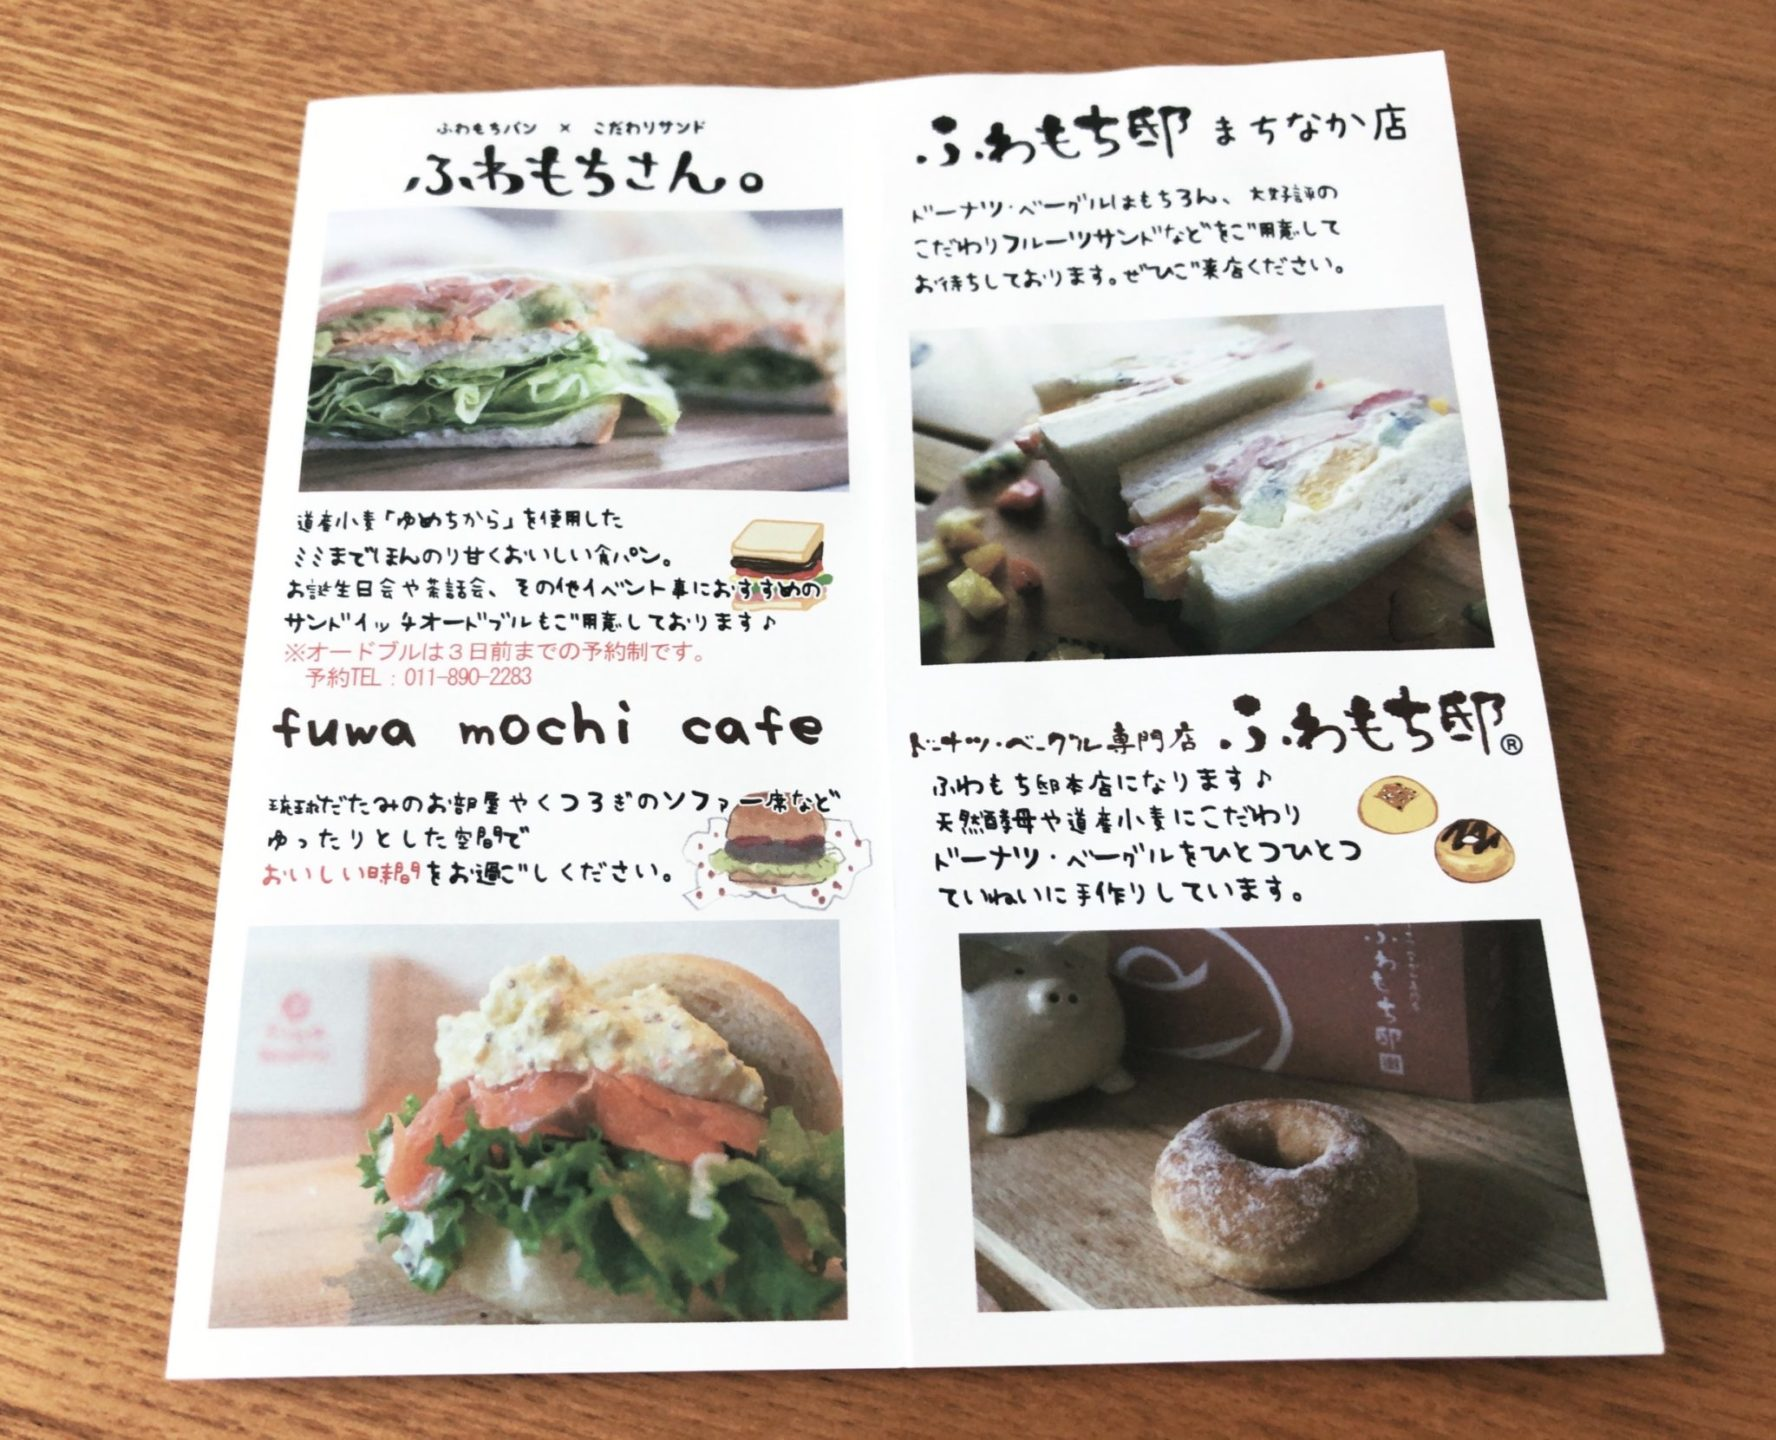 珈琲とドーナツ ふわもち邸の店舗情報